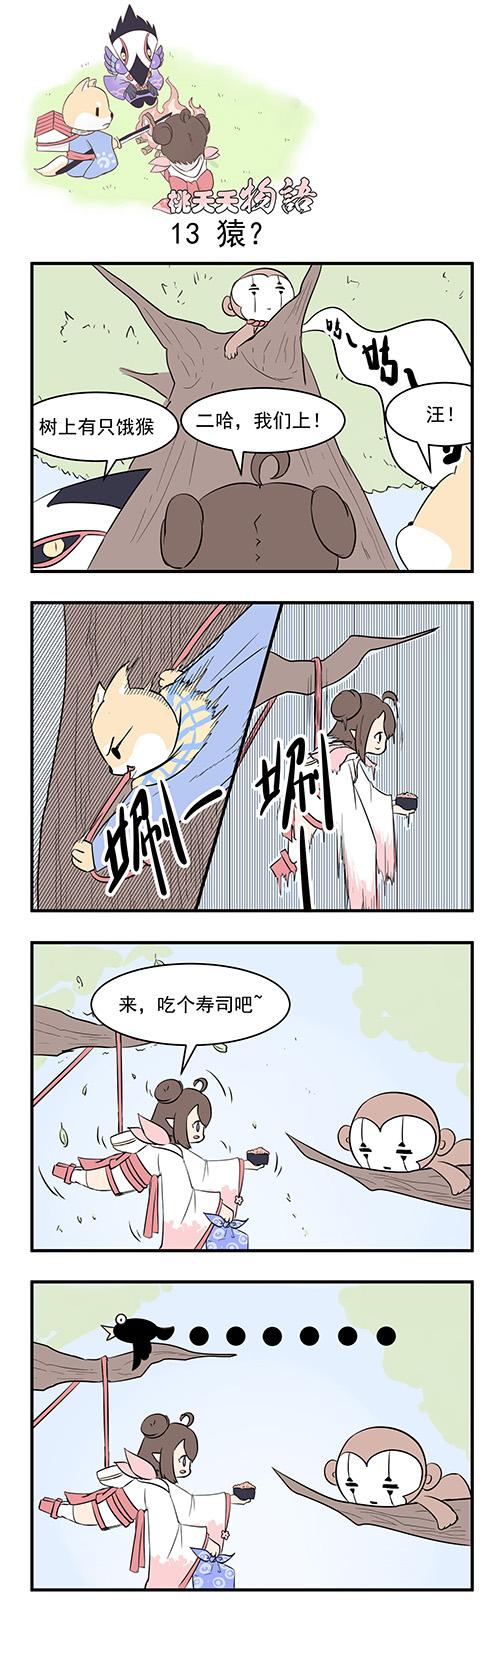 桃夭夭物语13.jpg